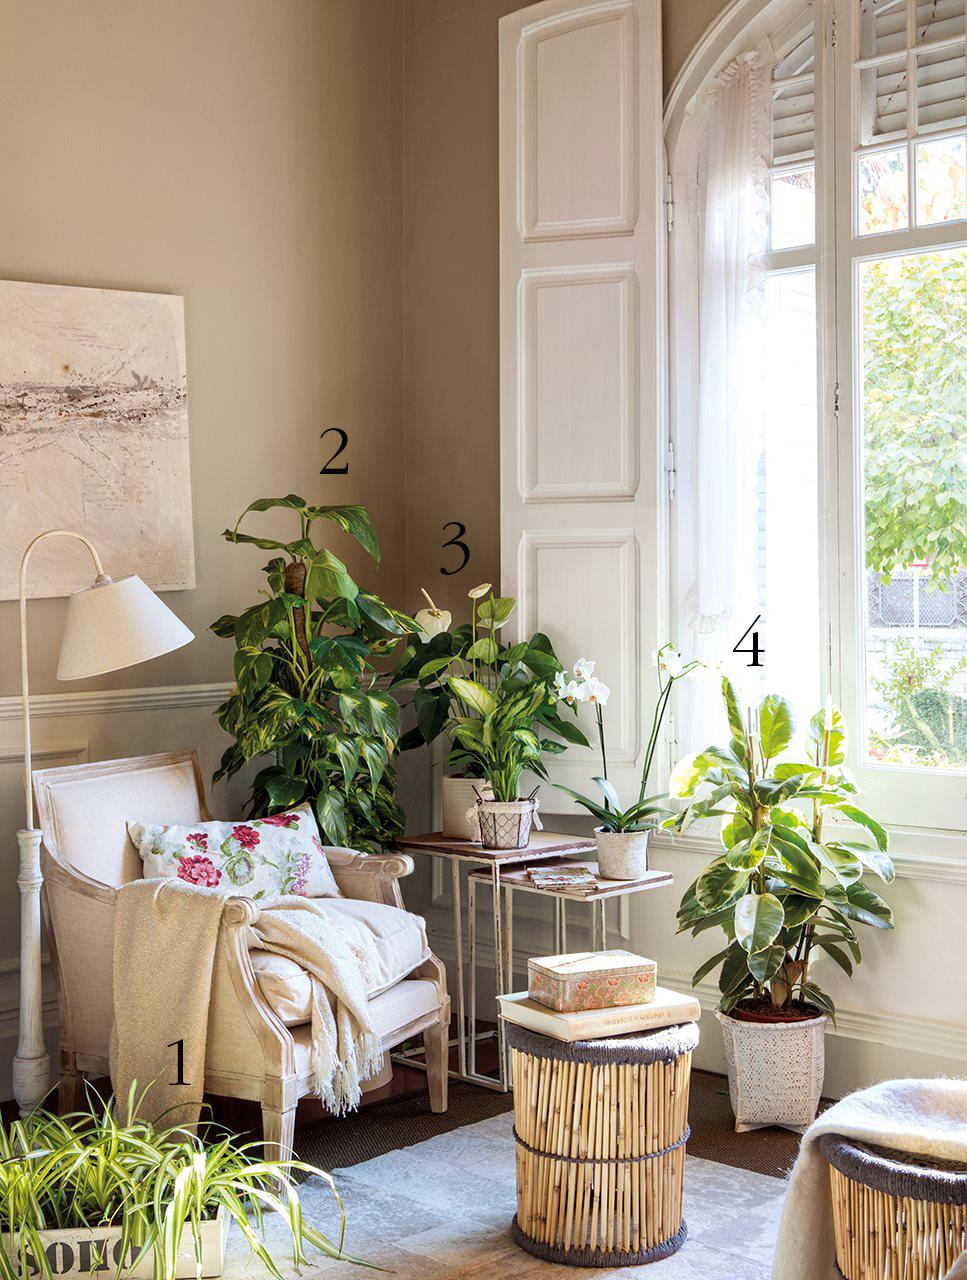 Plantas que duran todo el a o - Plantas decoracion interior ...